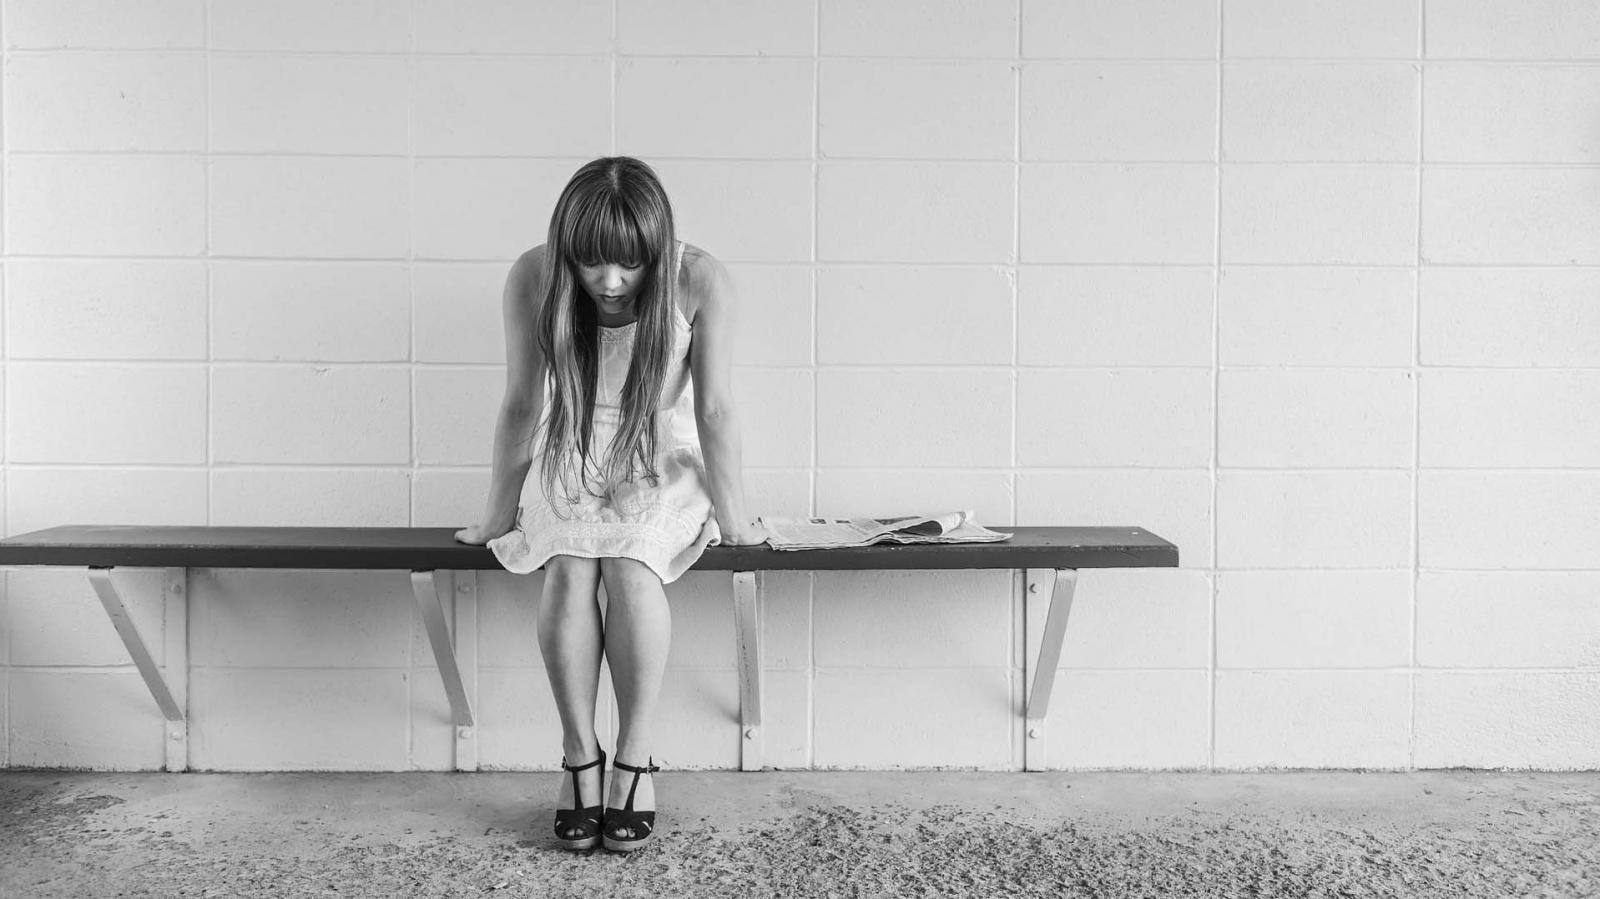 Brasil vive surtos de depressão e ansiedade